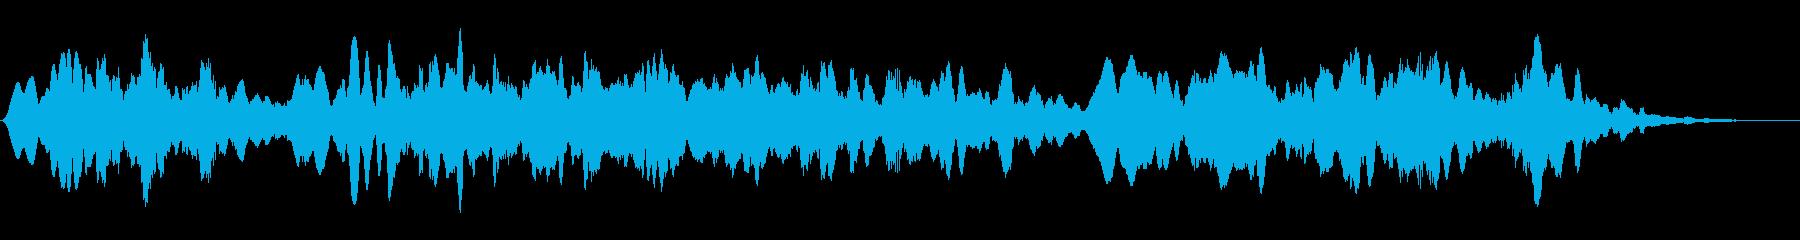 オカルト 不思議 雑談BGMの再生済みの波形